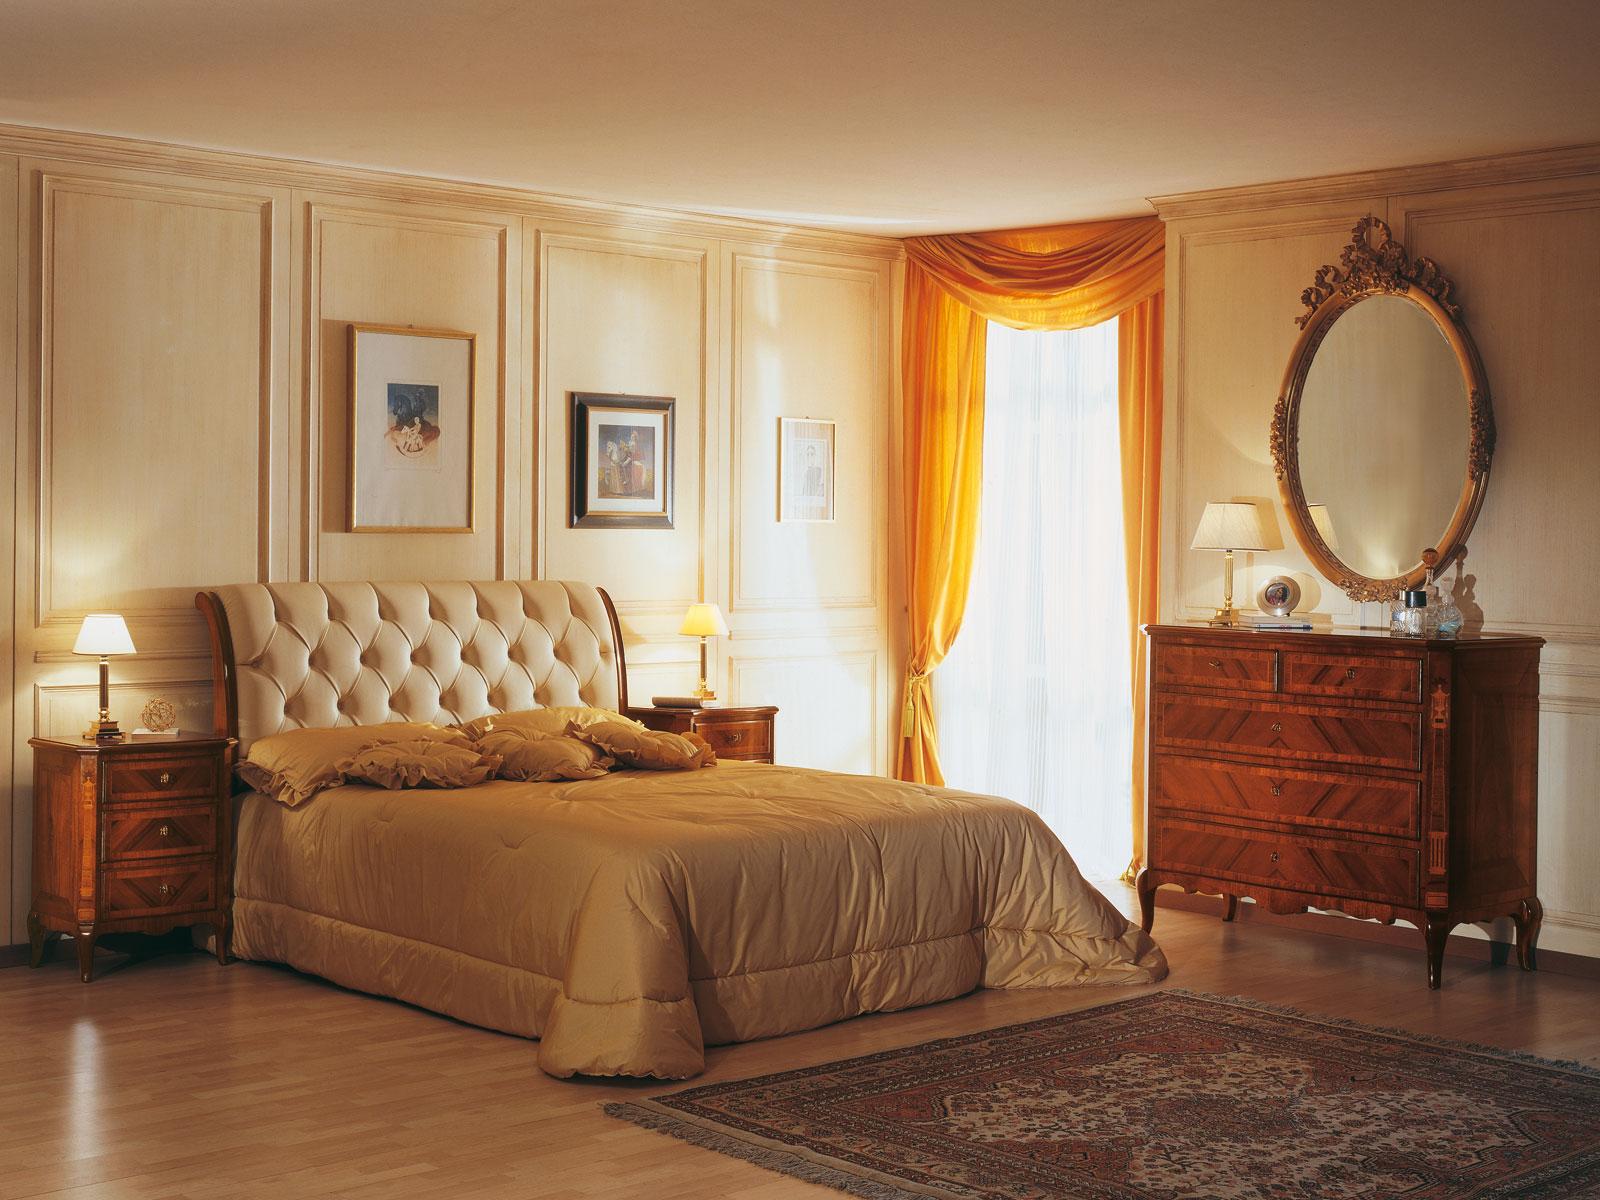 8 - Camere da letto in pelle ...